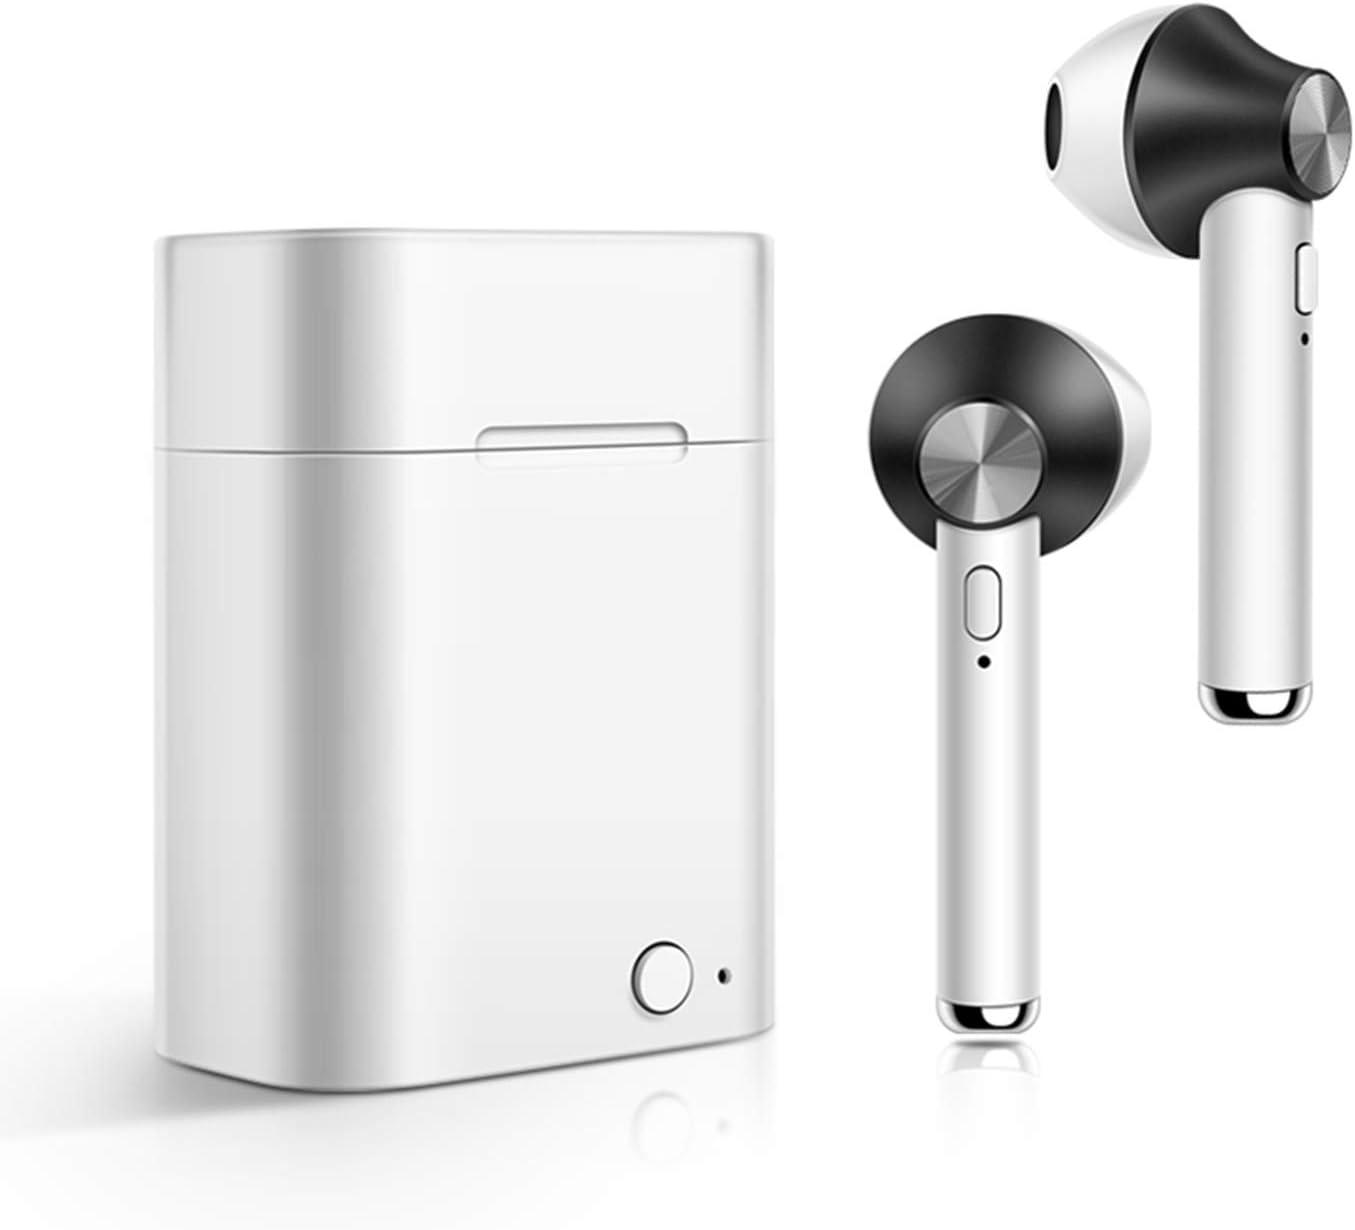 Auriculares Bluetooth Inalámbrico, iAmotus Auriculares Bluetooth Inalámbricos Mini Twins Estéreo In-Ear Bluetooth 5.0 con Caja de Carga Portátil Y Micrófono Auriculares Deportes para iPhone y Android